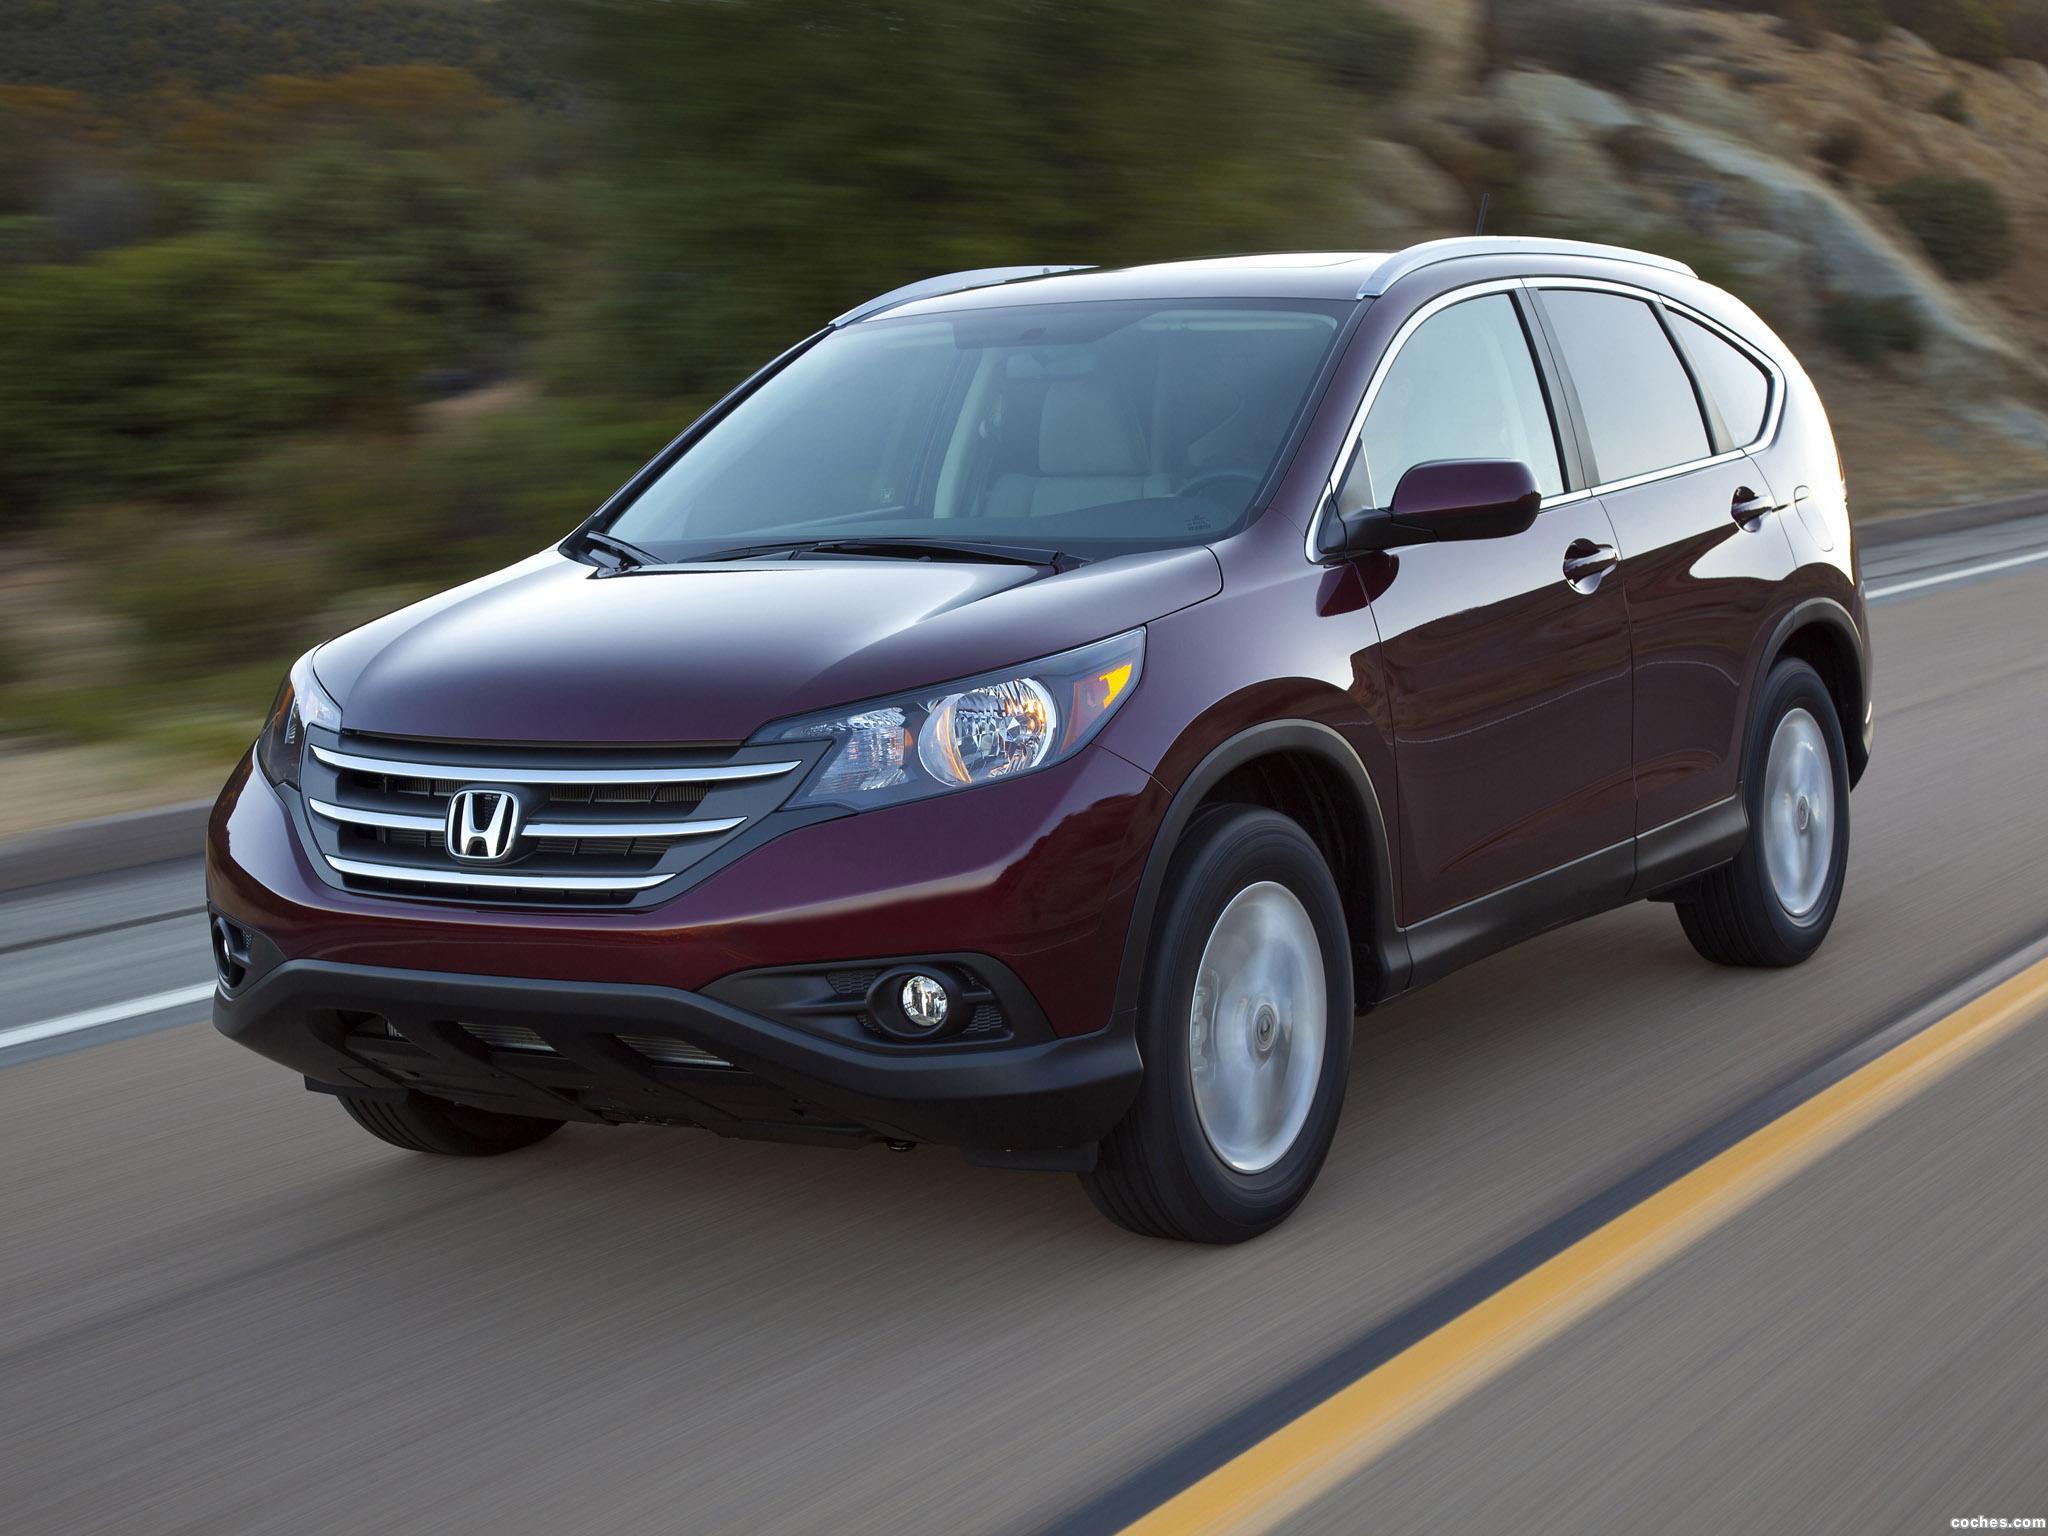 Foto 17 de Honda CR-V USA 2012